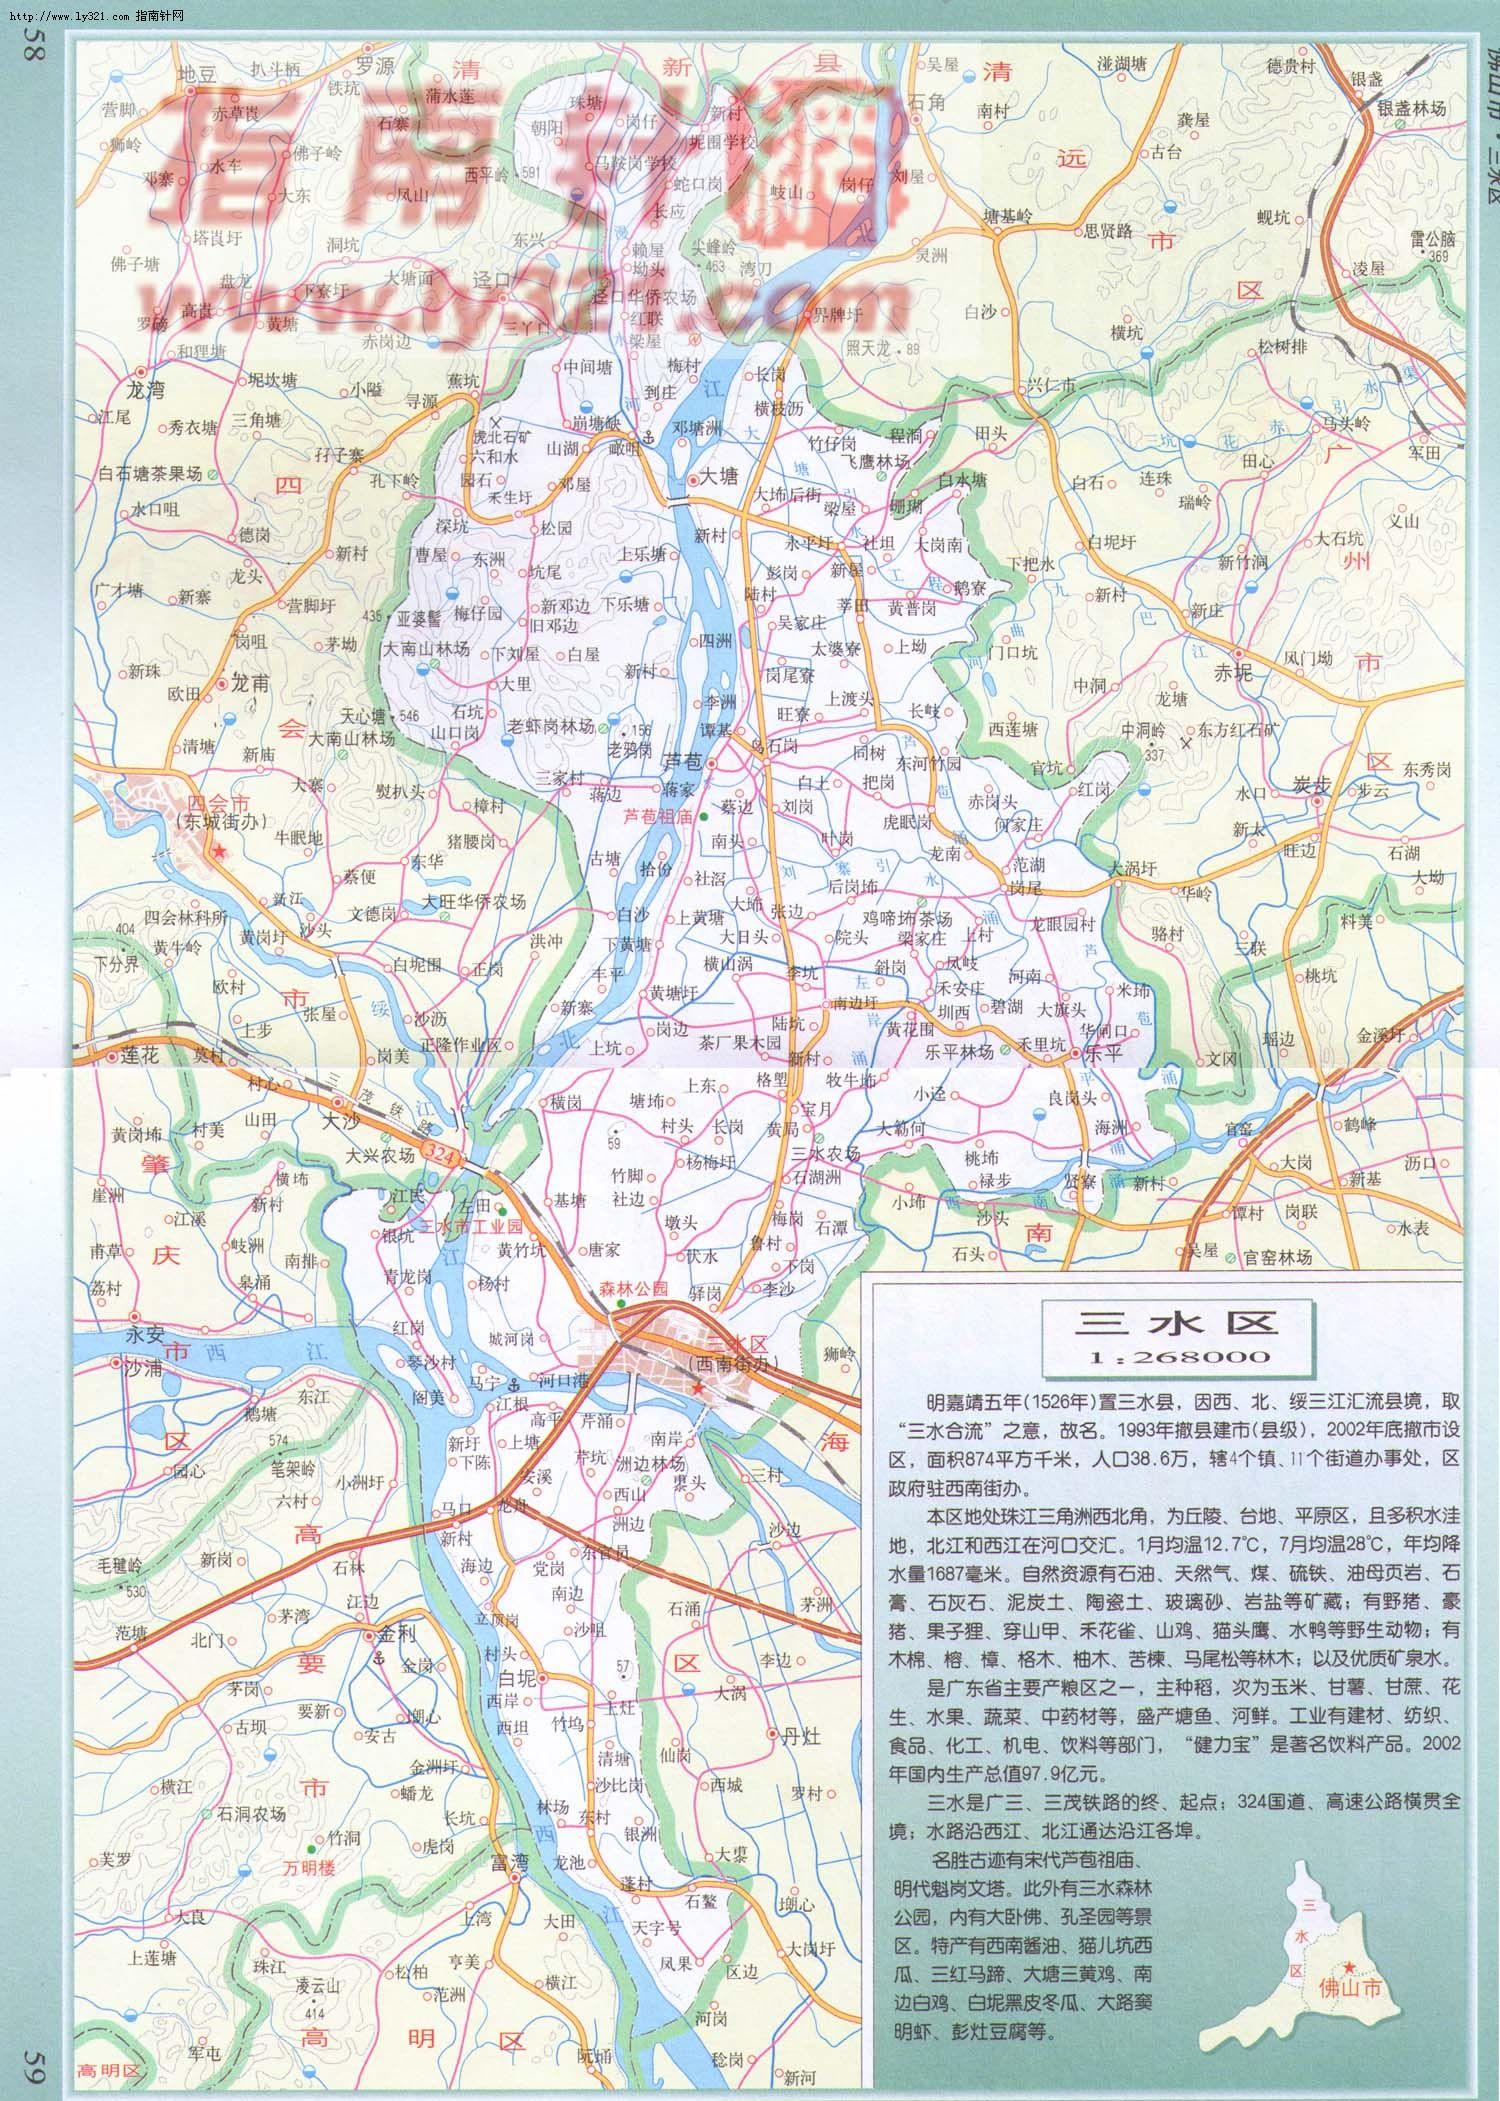 广东省佛山市三水区地图_佛山市旅游景点地图; 广东省佛山市三水区